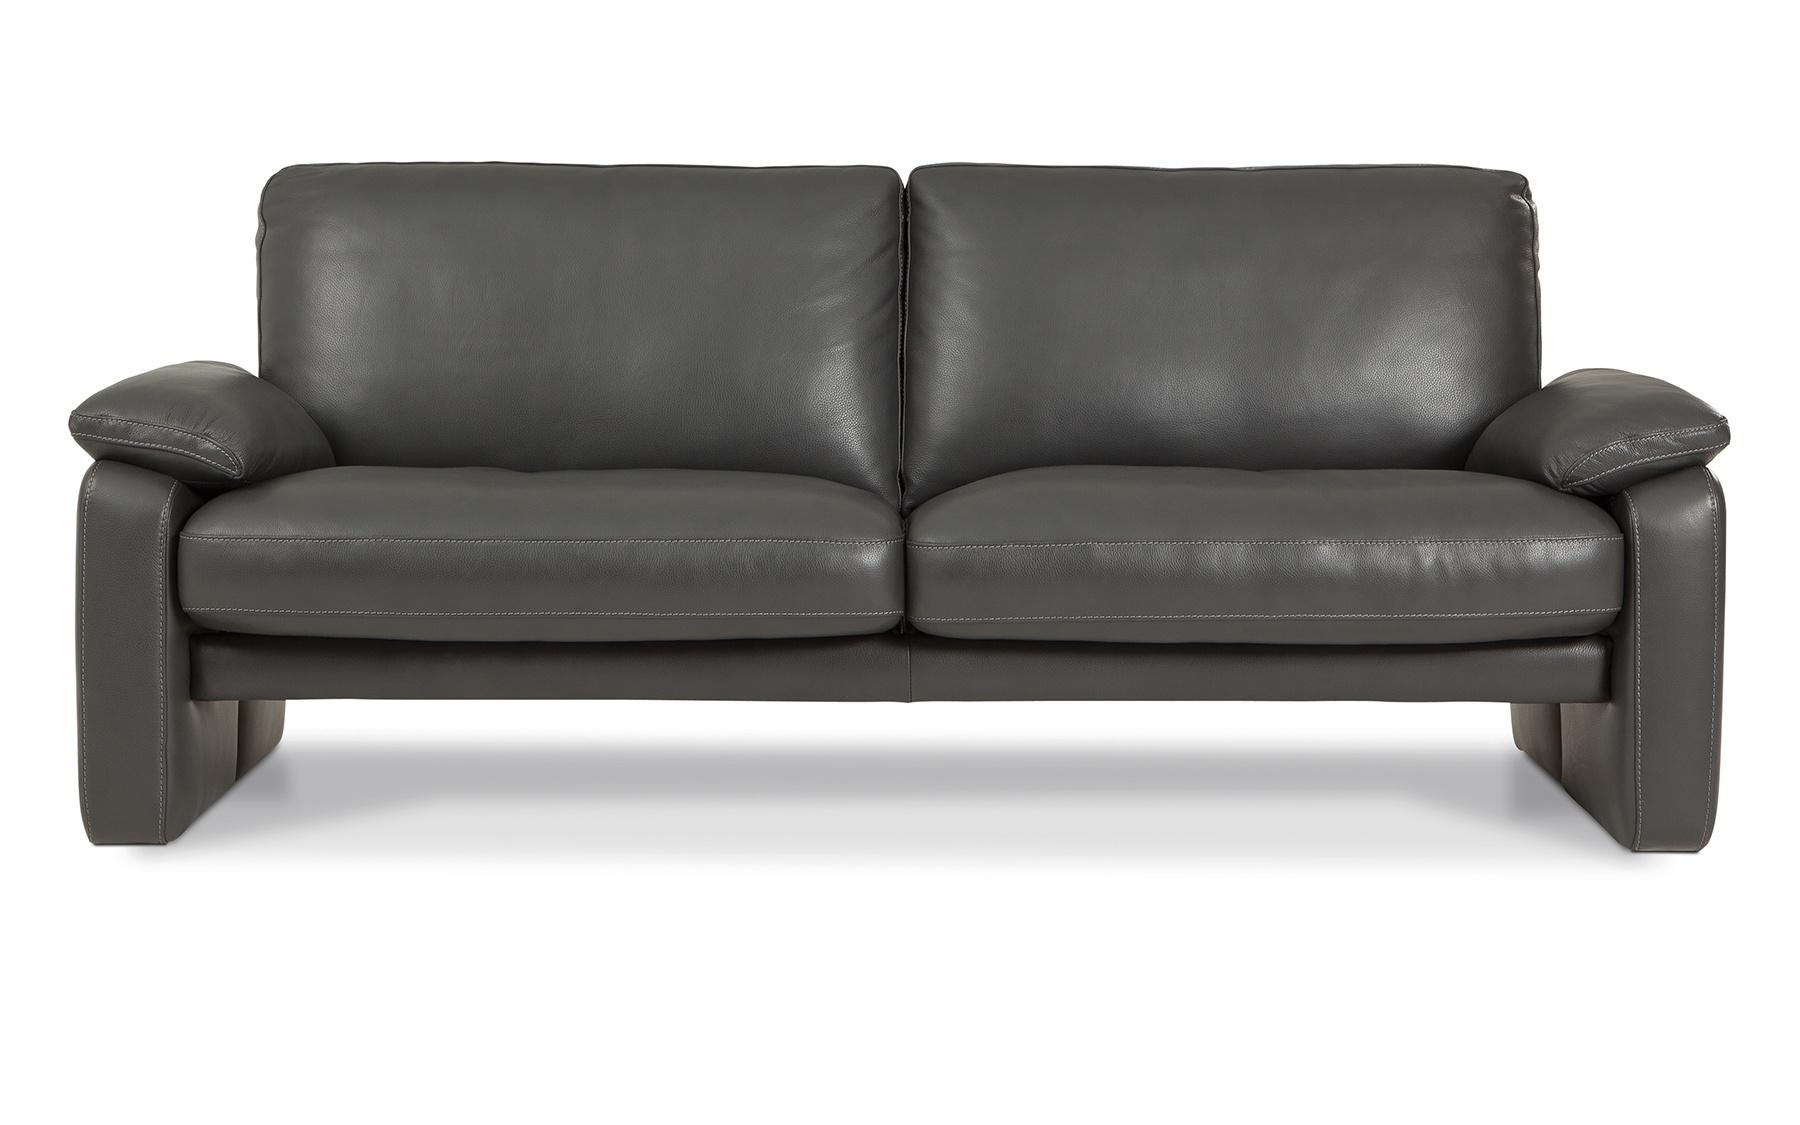 canape inclinable cuir 83 4 839 prix la galerie du meuble